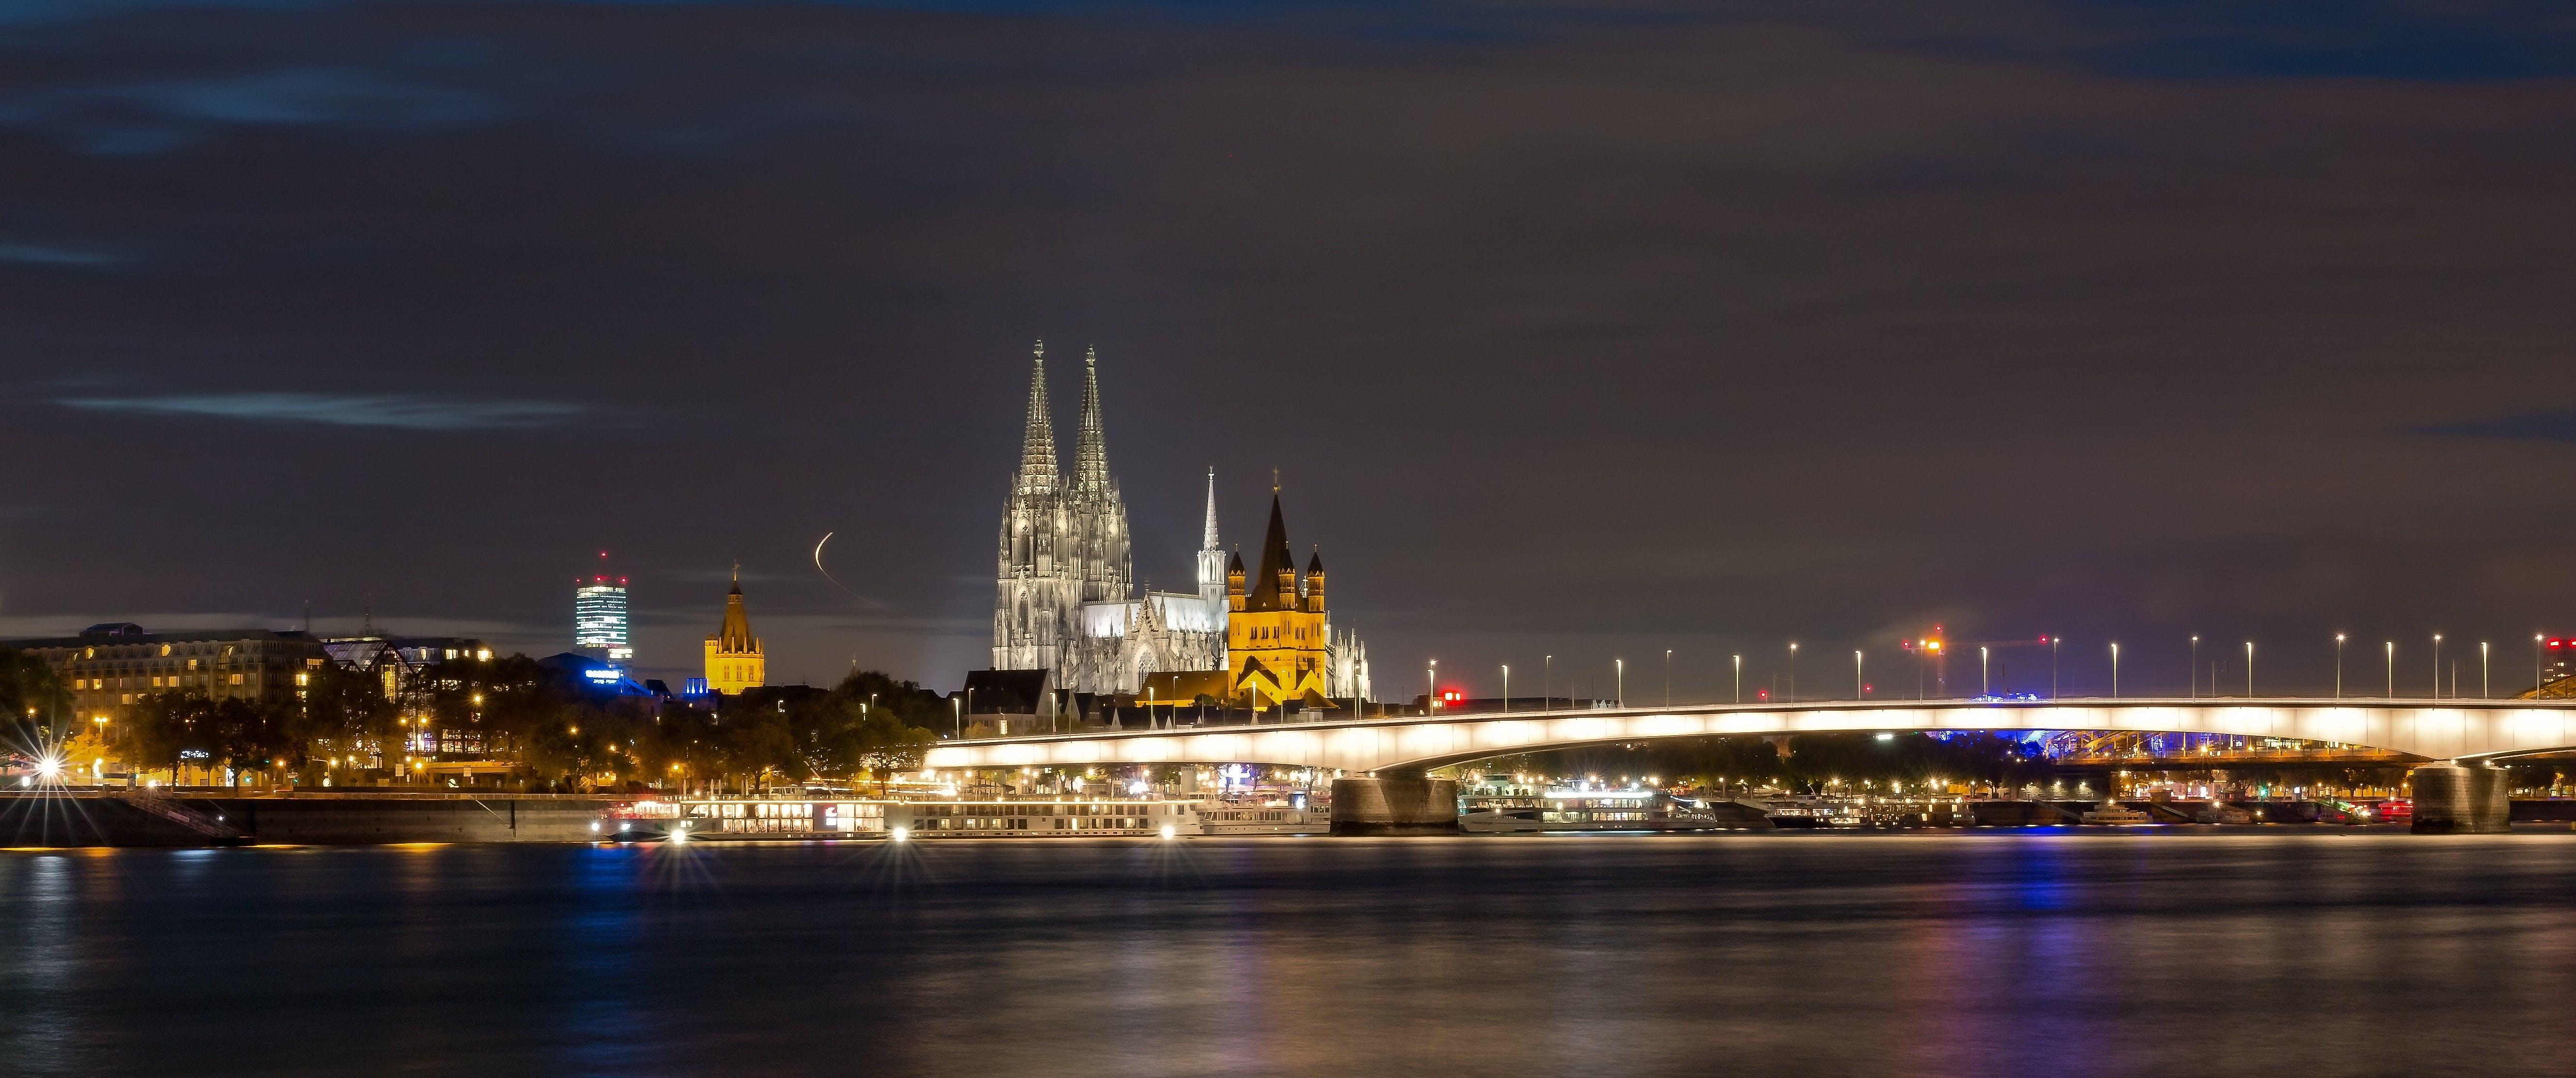 Kostnadsfri bild av arkitektur, byggnad, byggnader, gotiska